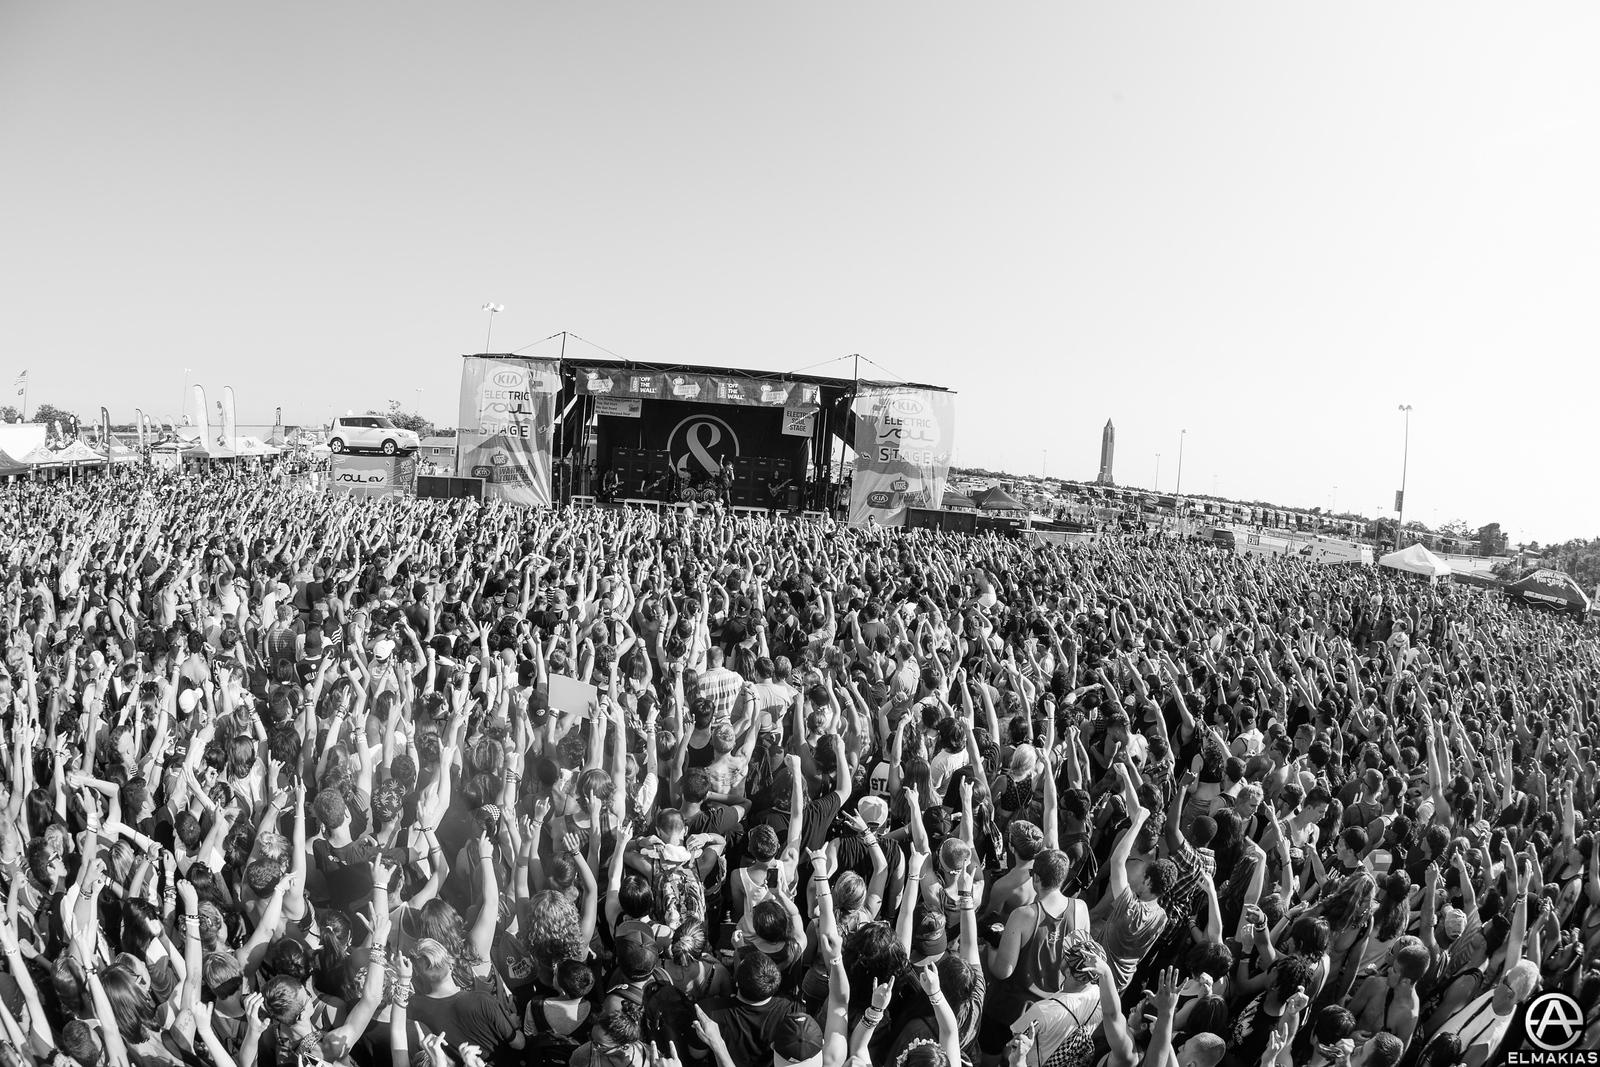 Of Mice & Men crowd at Warped Tour